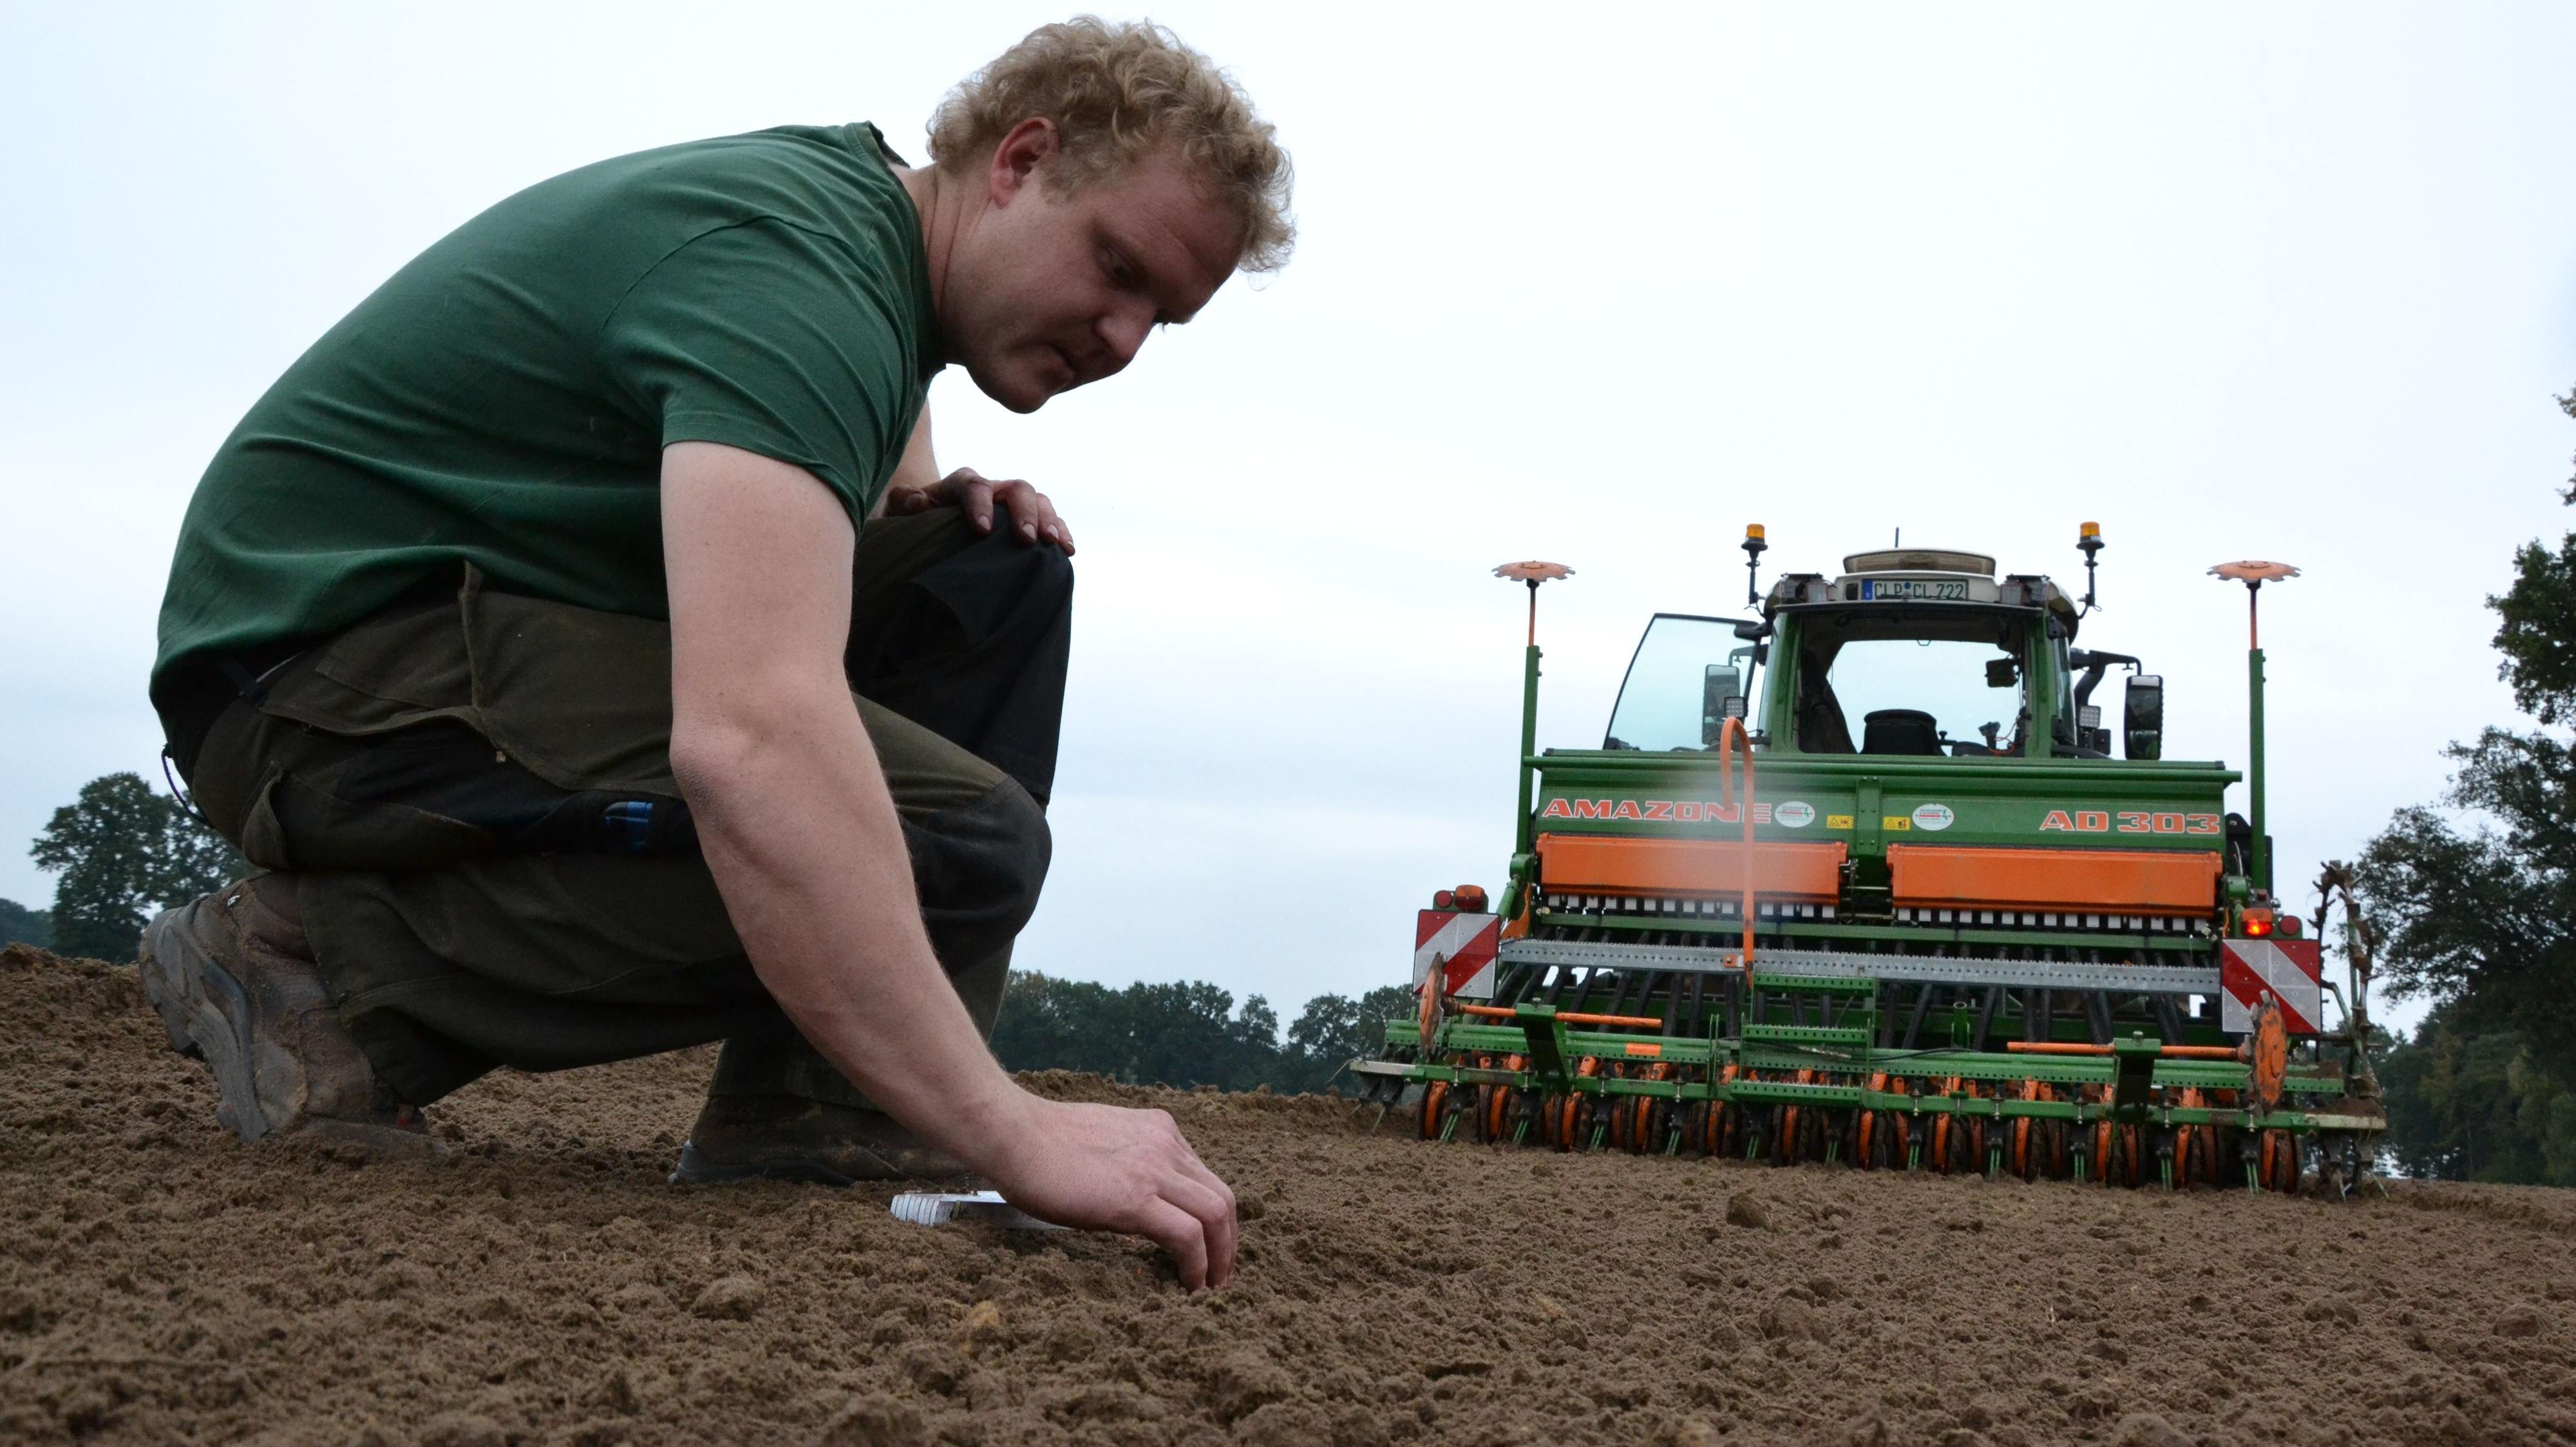 In Reih und Glied: Christian Lübbe misst nach, ob der Abstand zwischen den Weizenkörnern stimmt. Pro Tag kann der Landwirt mit seinen Maschinen bis zu 20 Hektar säen. Foto: Meyer